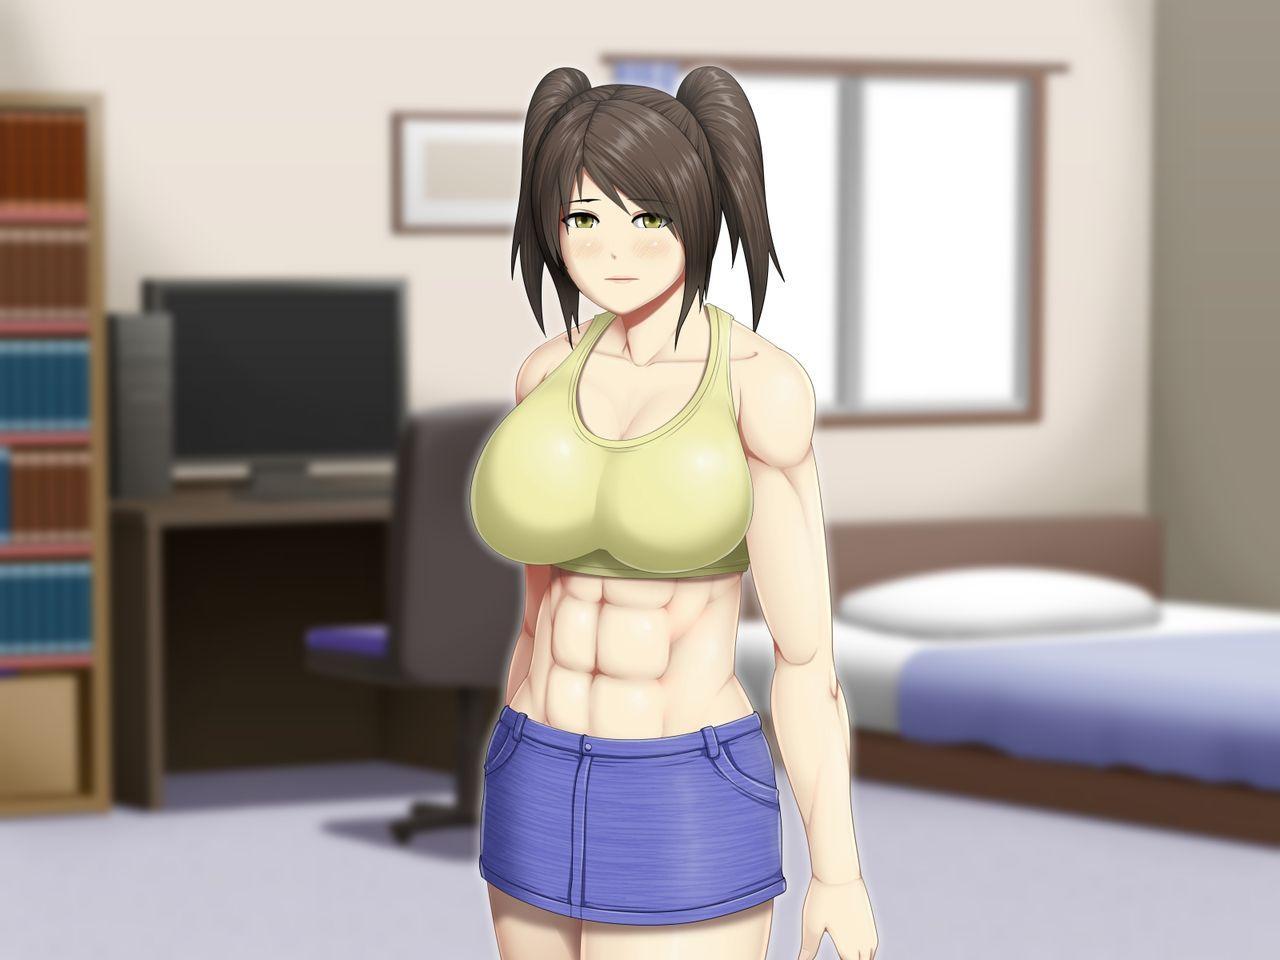 Uchiki na Jyumai ga Ore no Tame ni Karada o Kitaeta Kekka 134